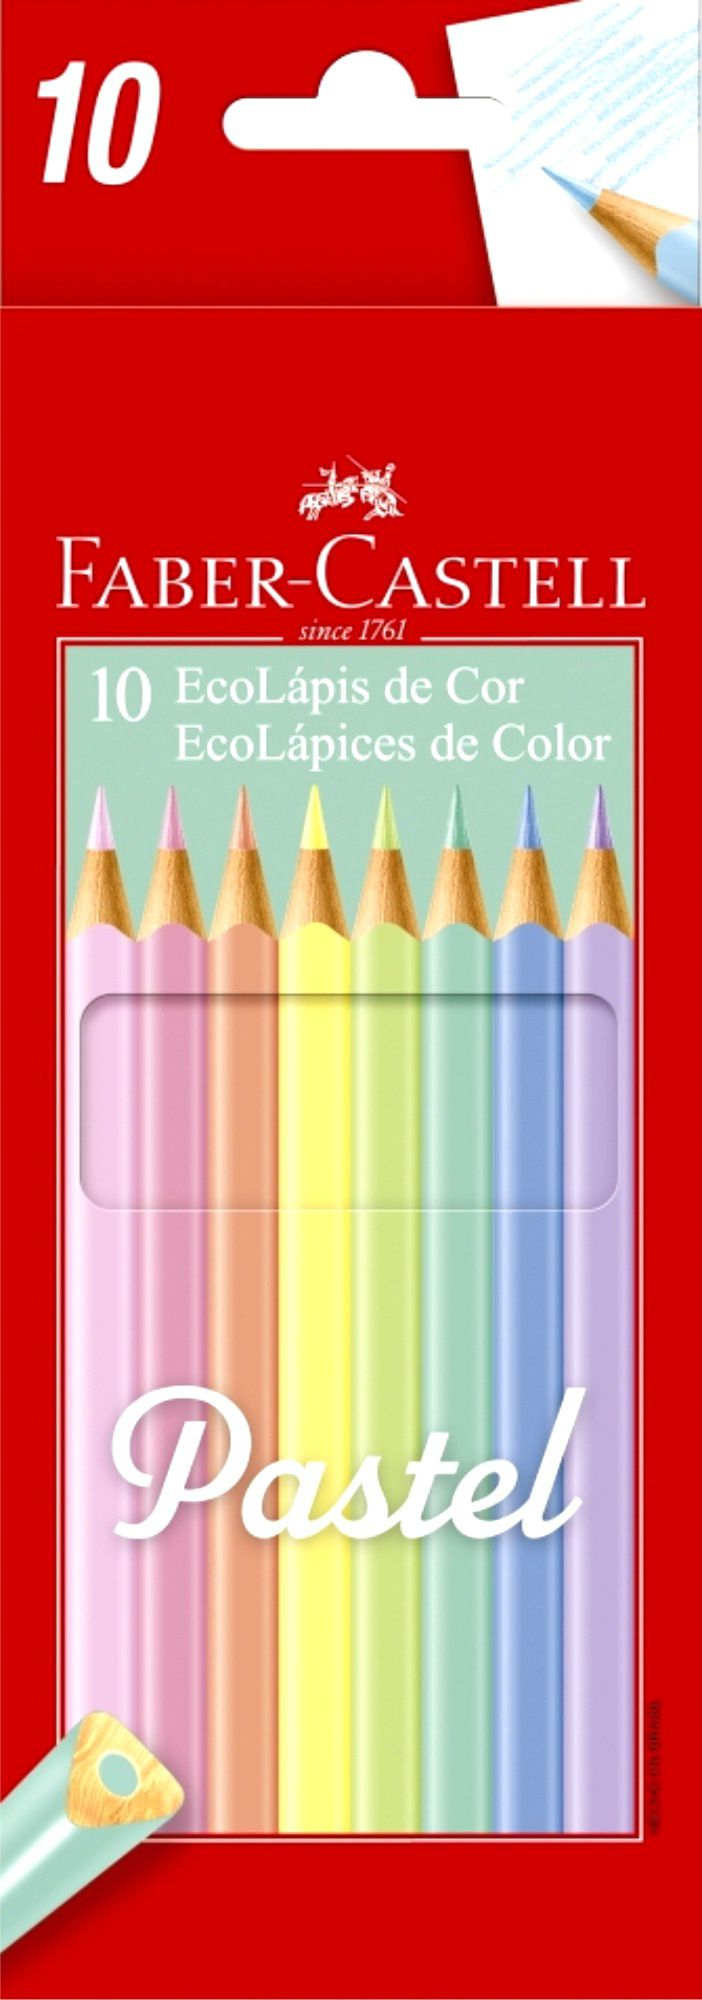 Lápis De Cor Faber Castell Pastel 10 Cores